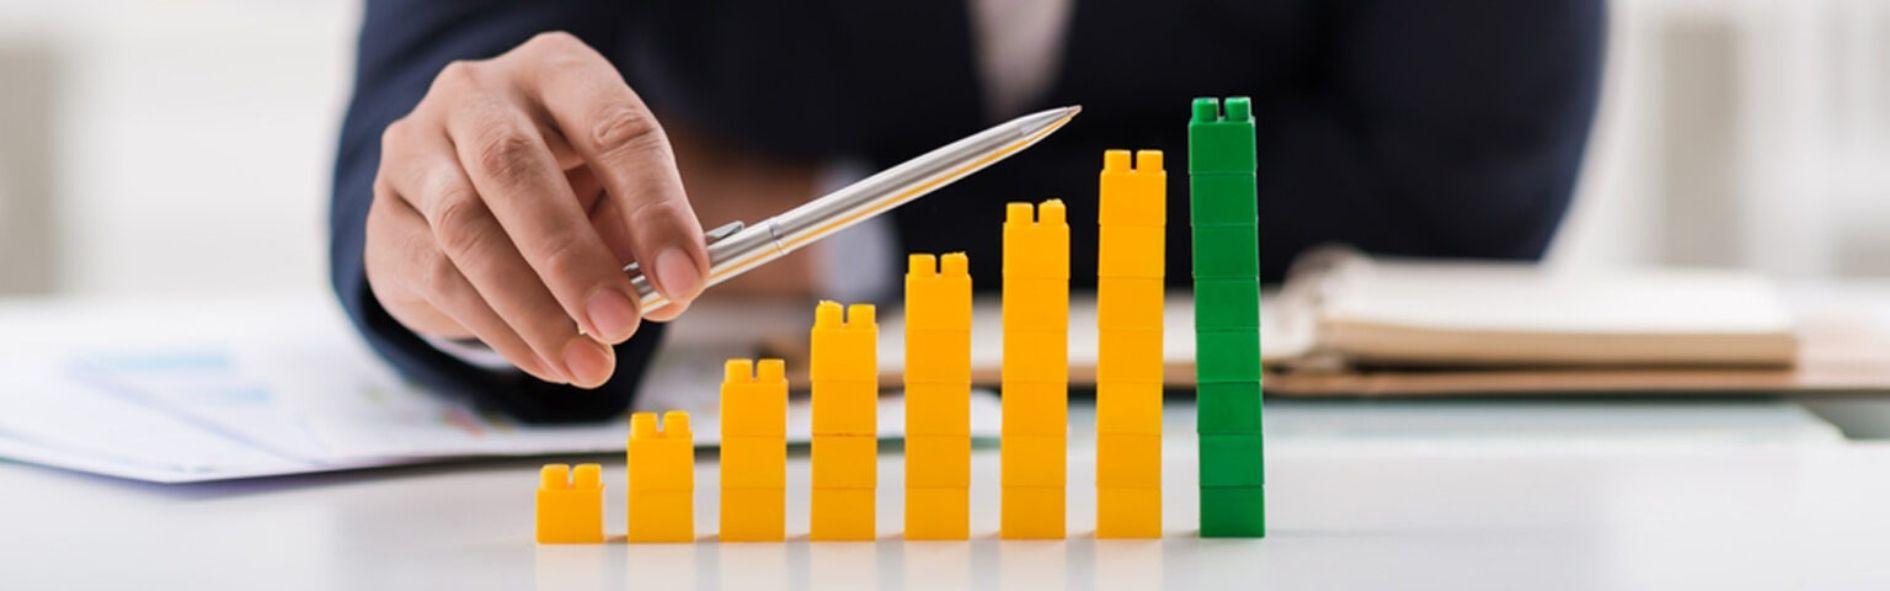 Descubre la matriz de Ansoff y cómo utilizarla para que tu negocio crezca